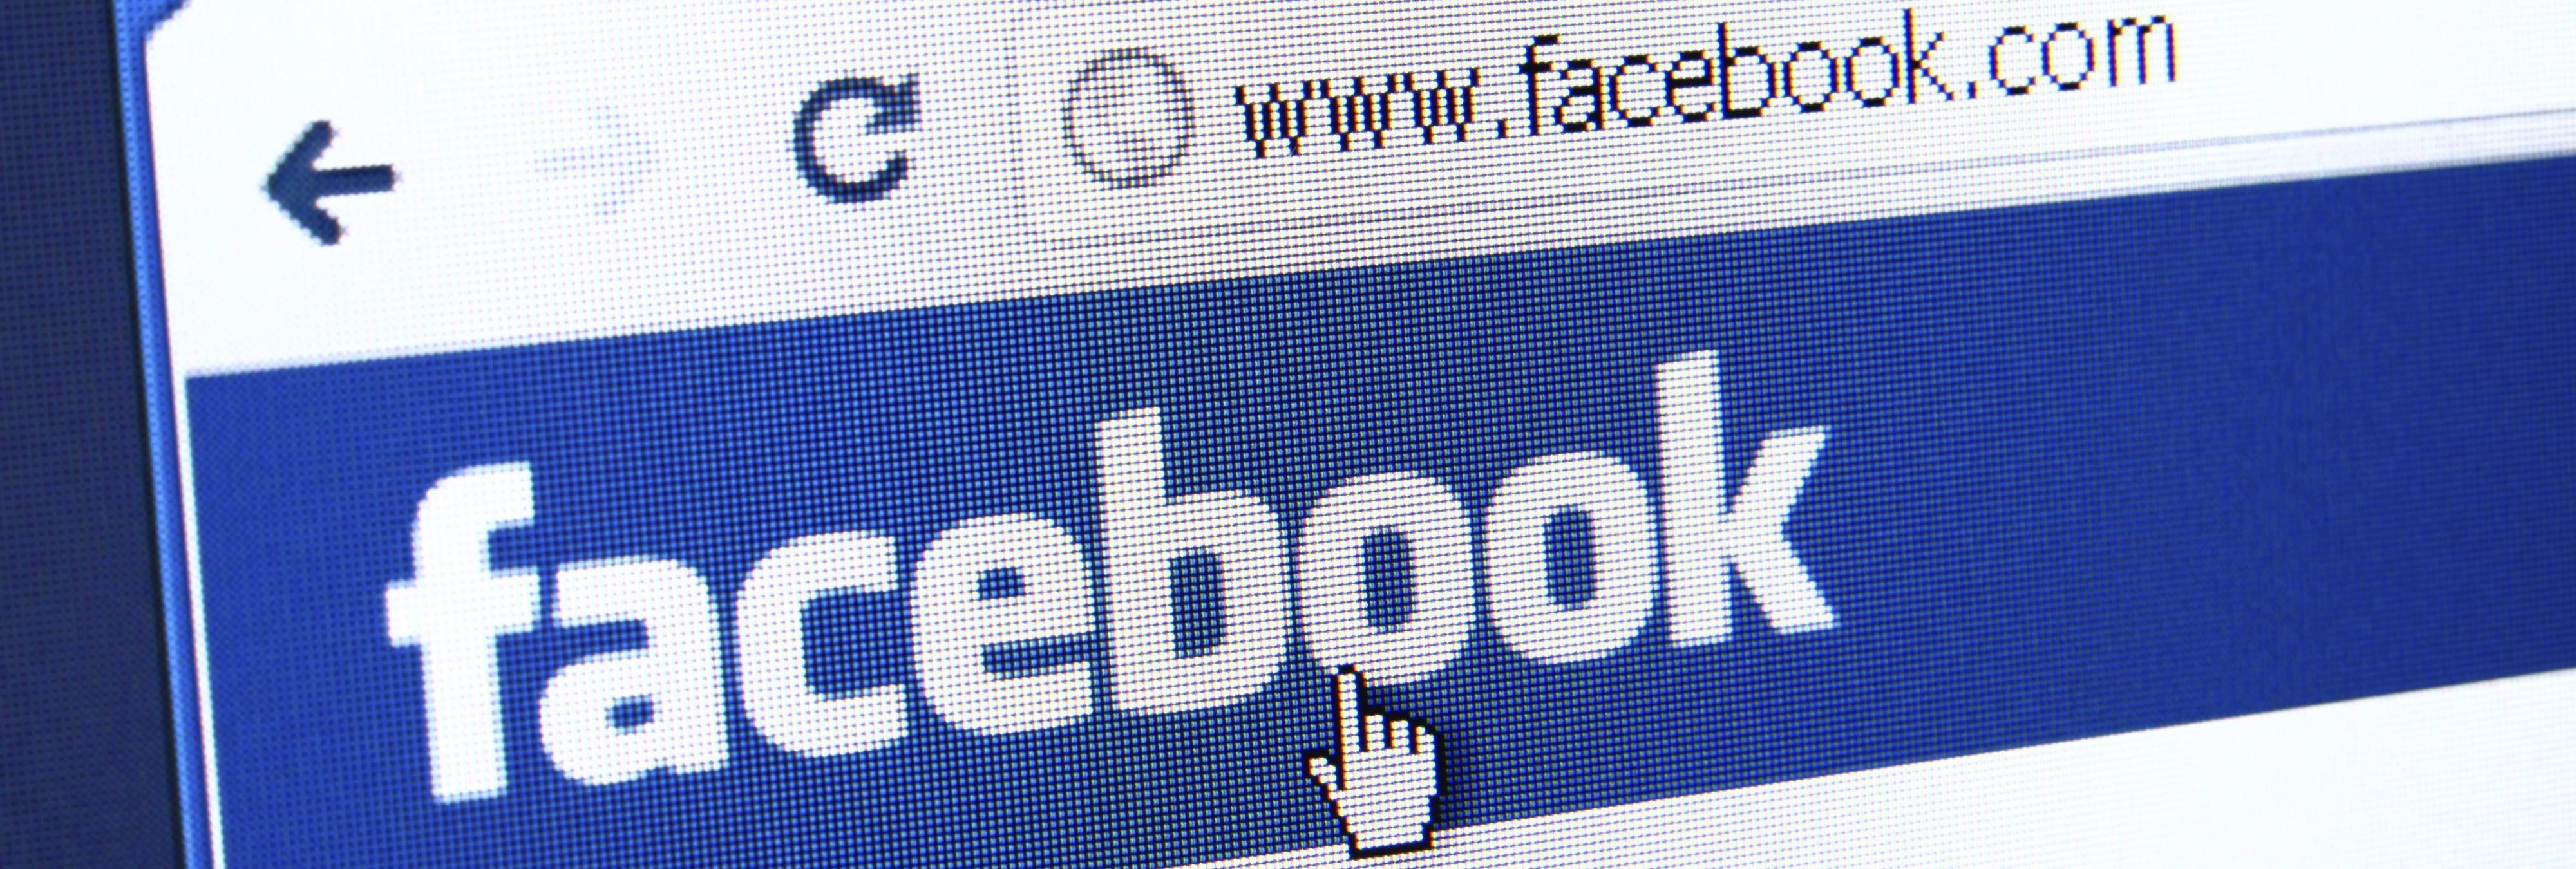 Etiquetar a alguien en Facebook podría castigarse con prisión